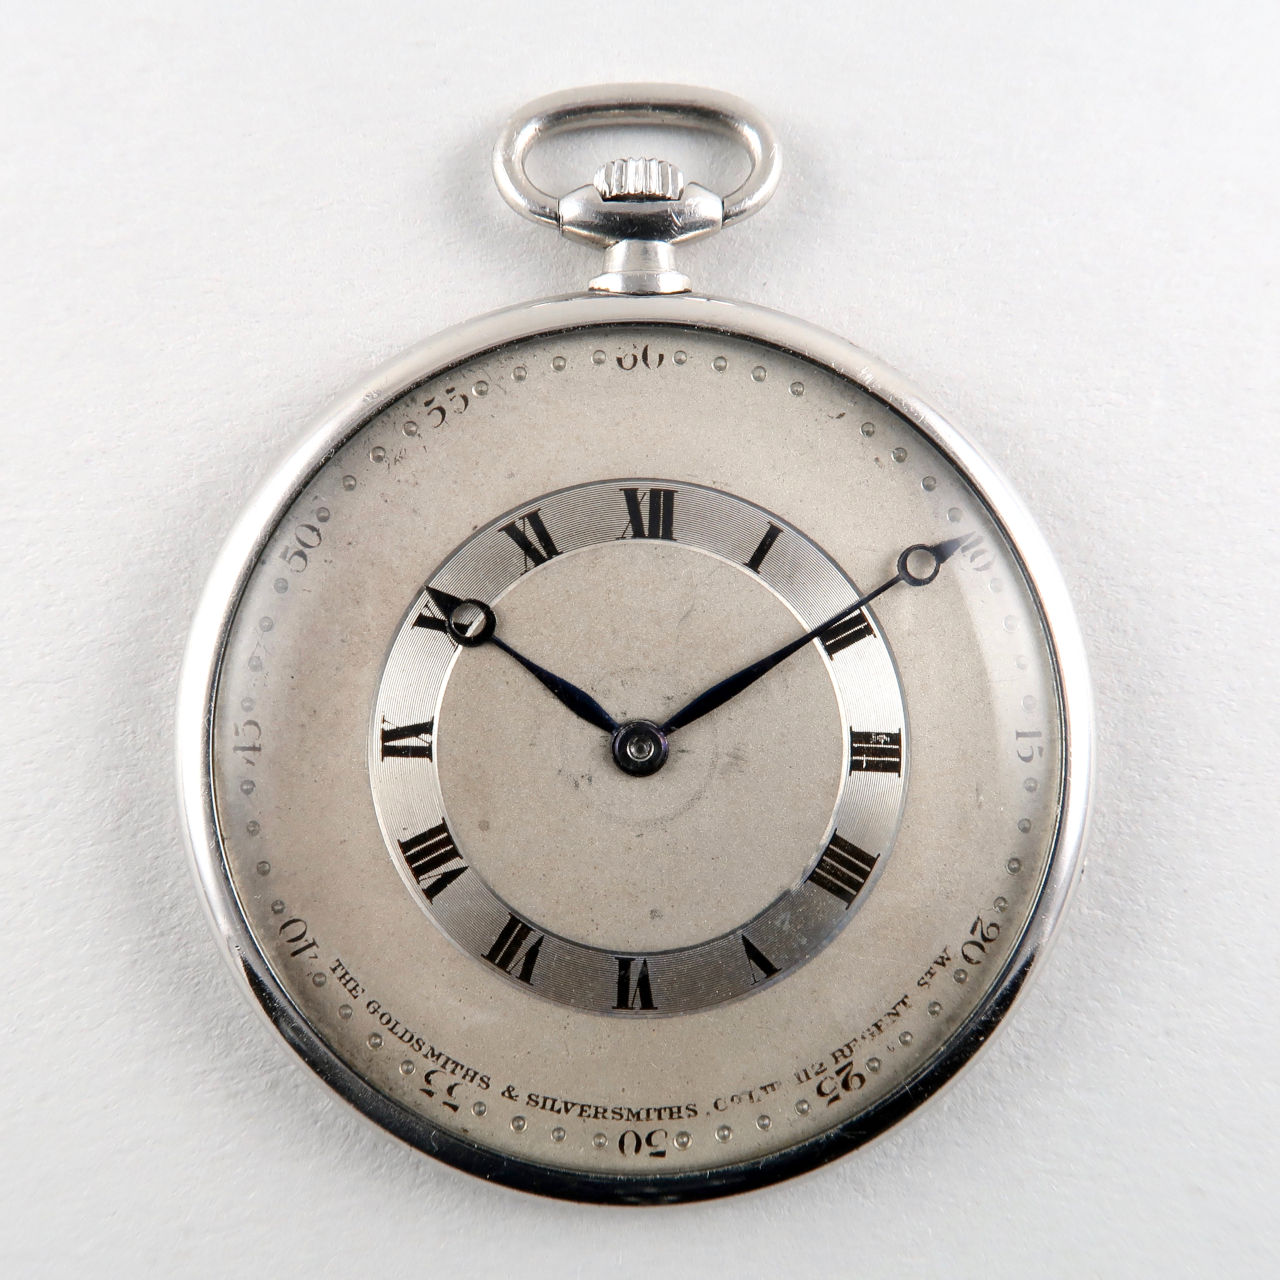 Goldsmiths & Silversmiths Co. circa 1920 | platinum vintage dress watch